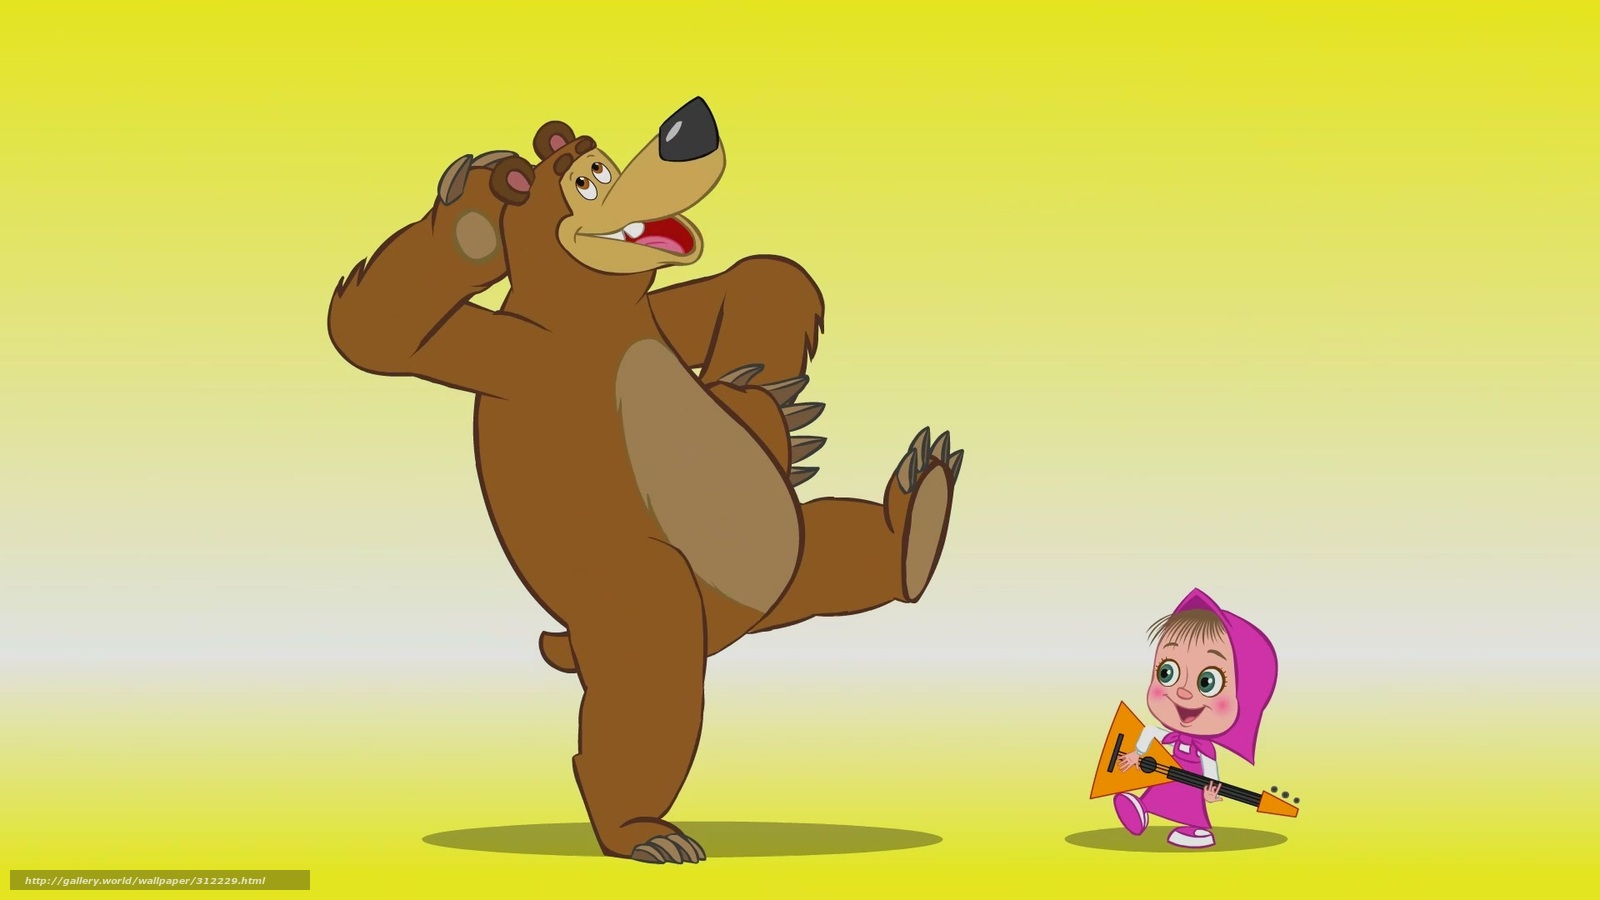 Scaricare gli sfondi cartone animato masha e l orso